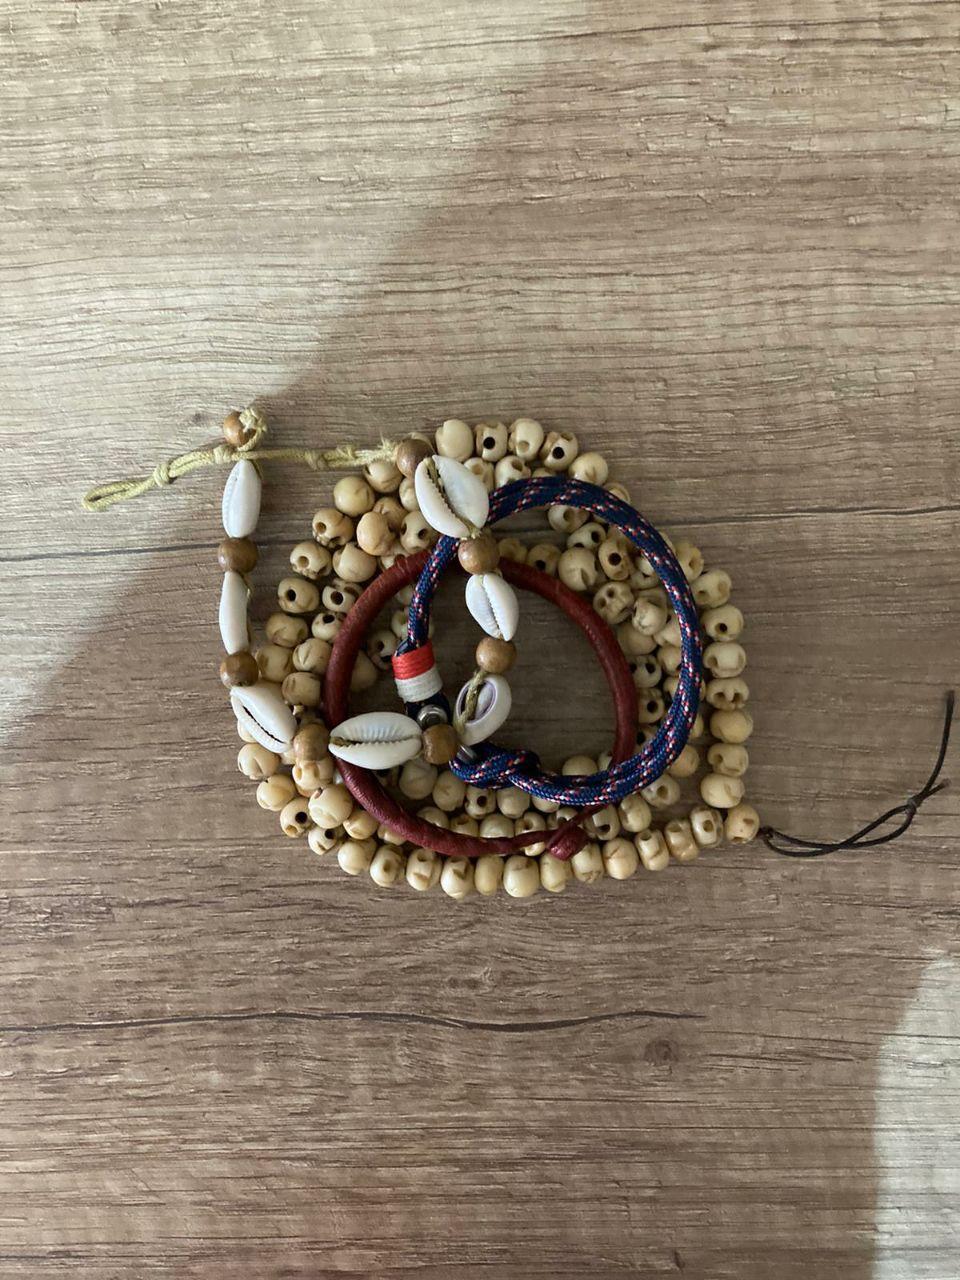 Bracciali - Bracelets